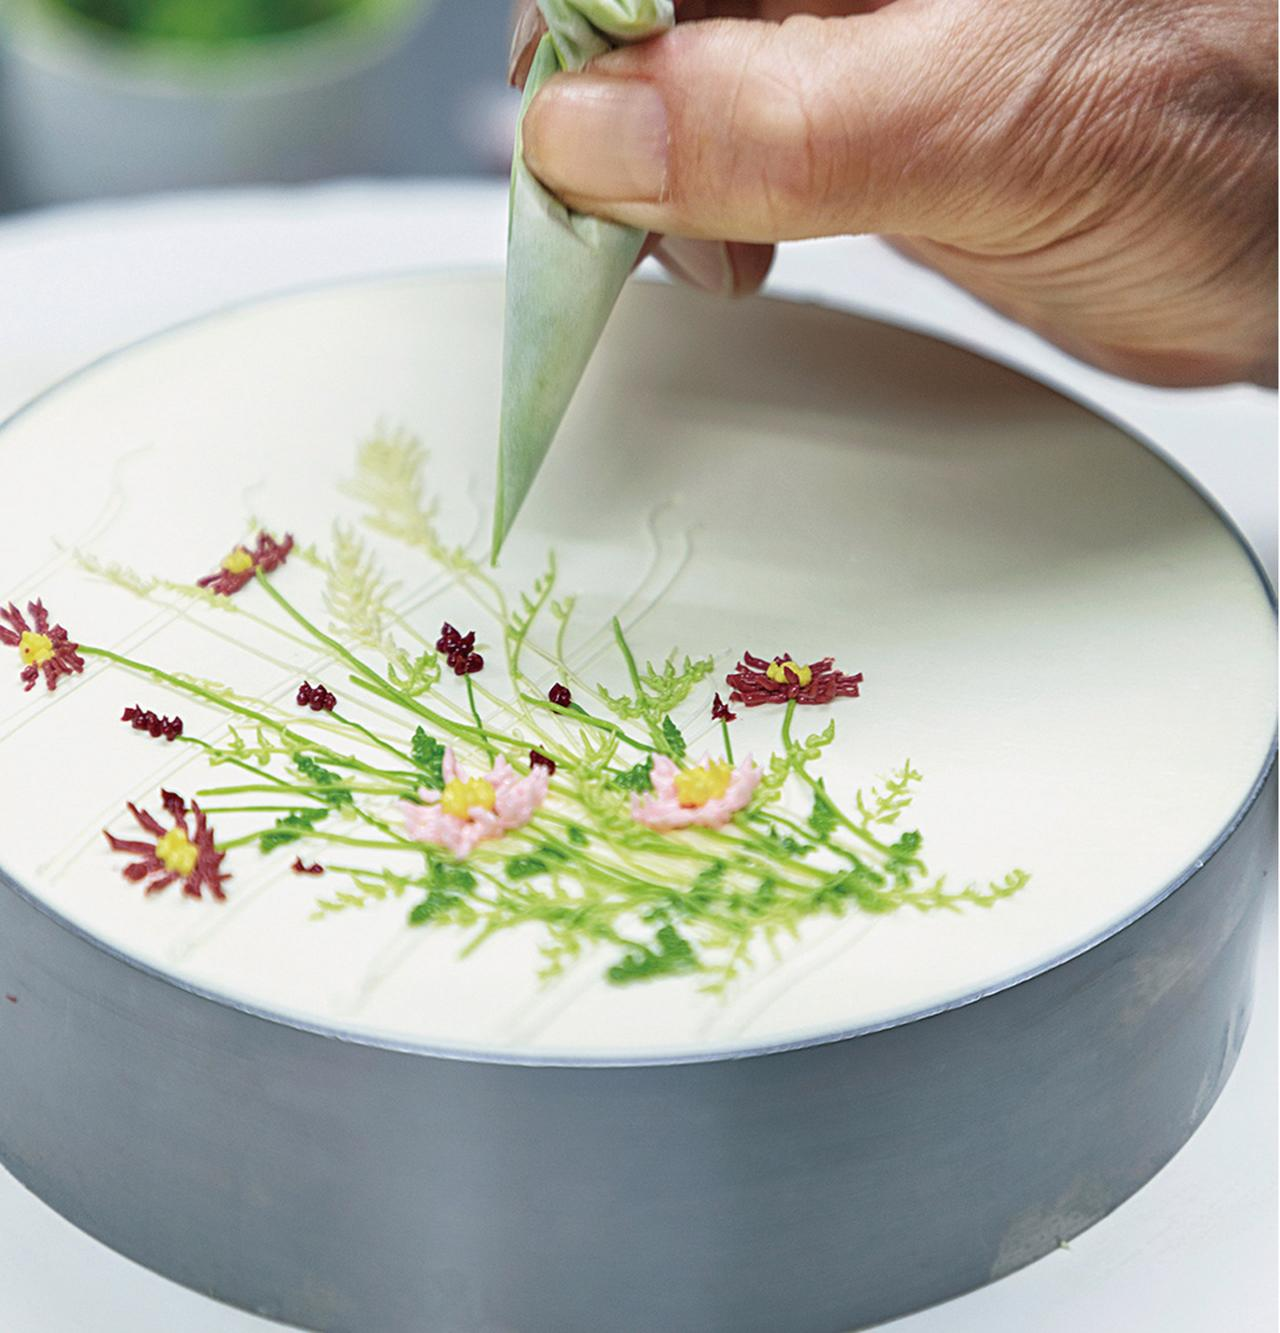 Images : 13番目の画像 - 「パーラー ローレルの 熟練職人が紡ぎだす 花のケーキの物語」のアルバム - T JAPAN:The New York Times Style Magazine 公式サイト